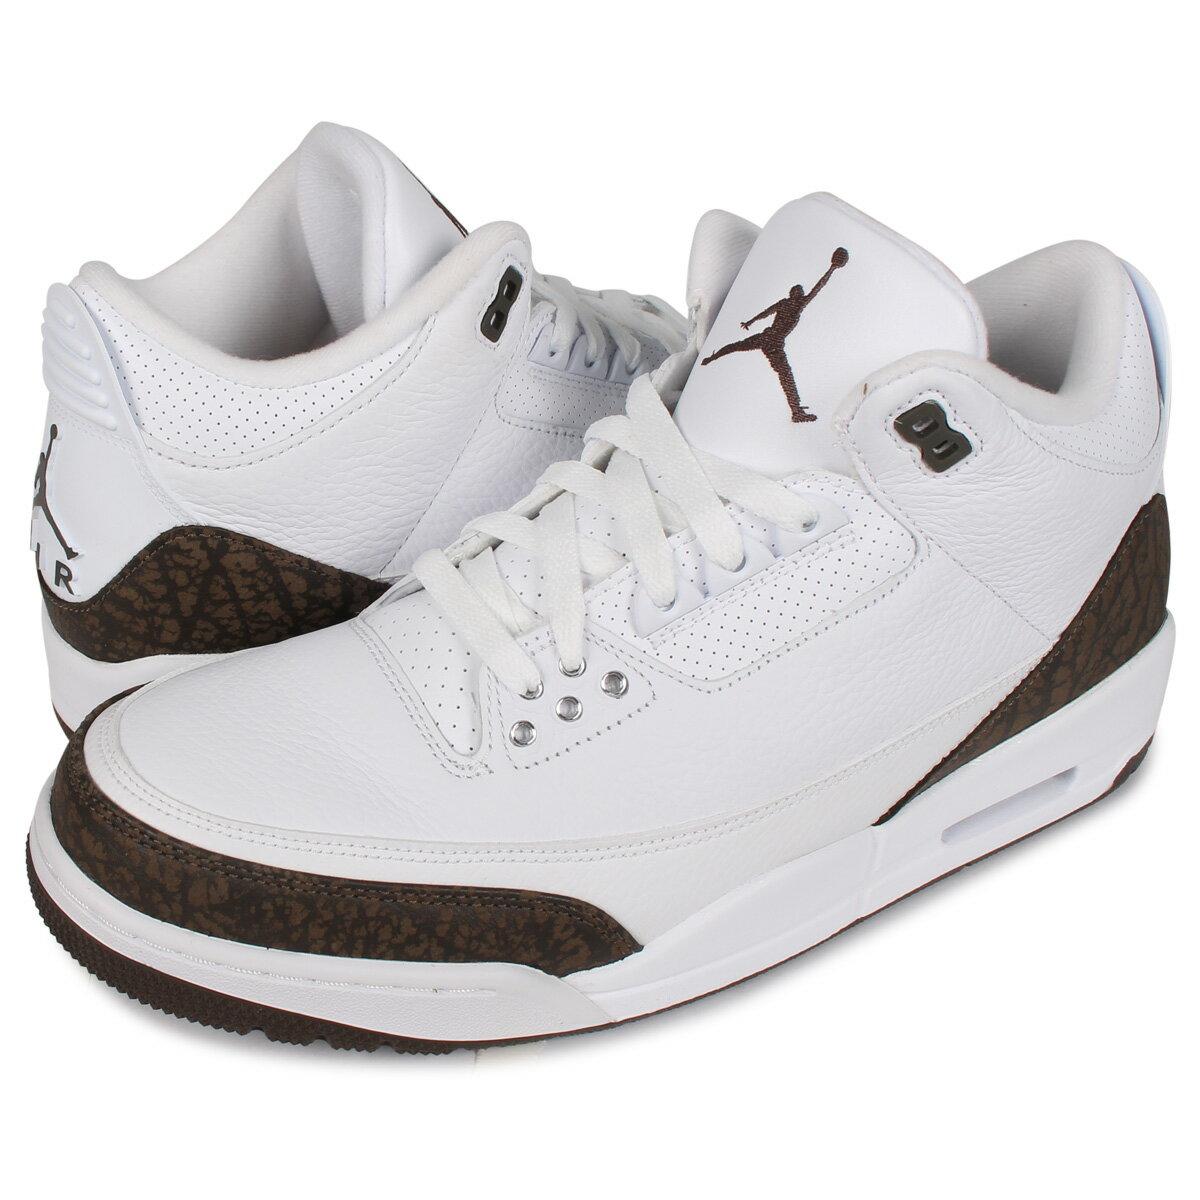 メンズ靴, スニーカー  NIKE 3 AIR JORDAN 3 RETRO 136064-122